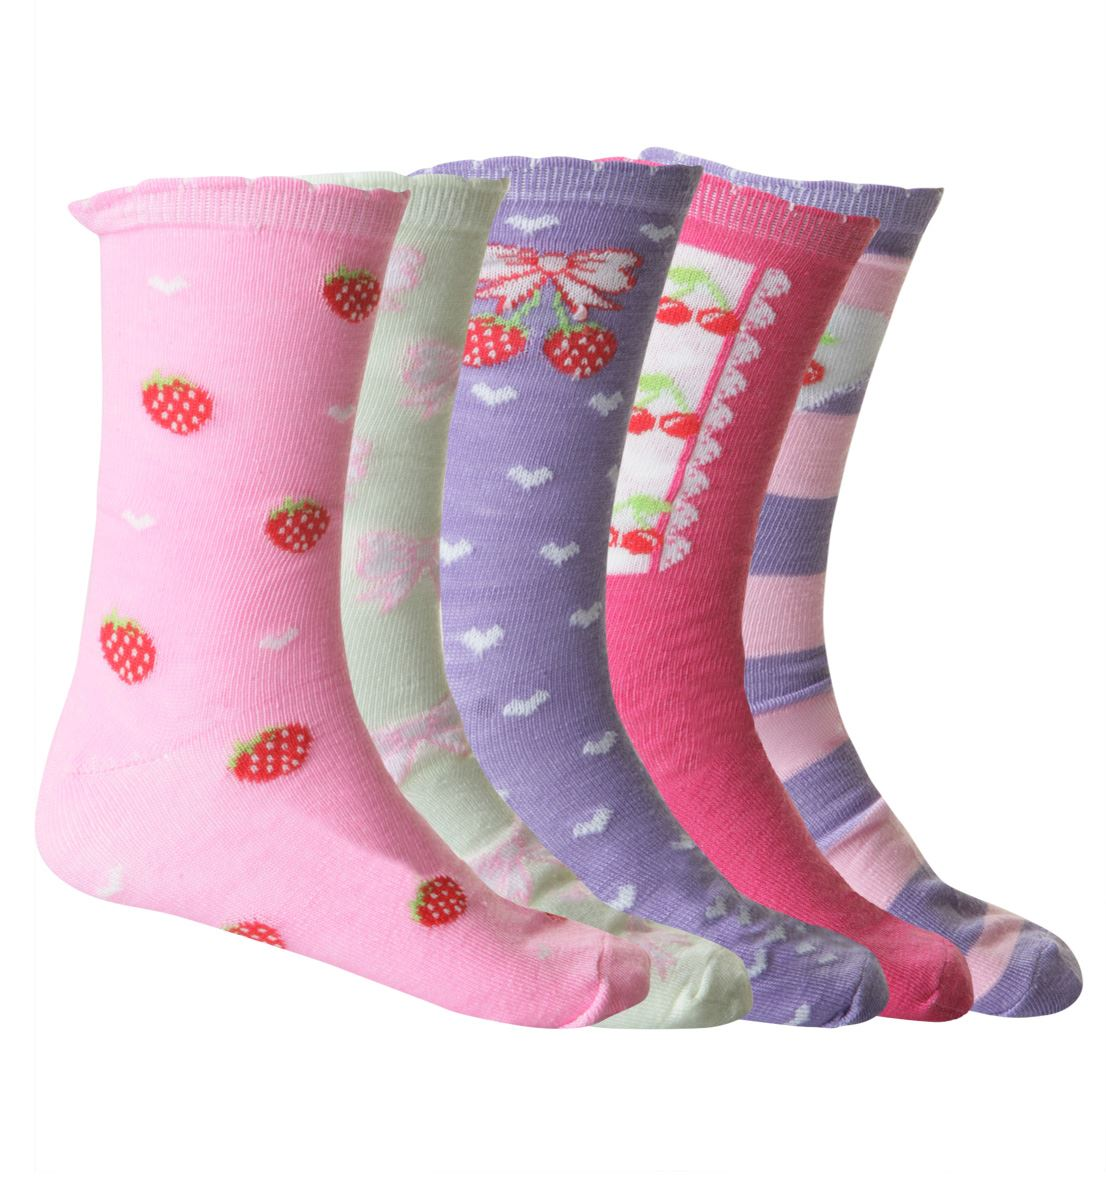 5 Pack Girls Children/'s Kids Designer Character Cotton Socks All Sizes Available